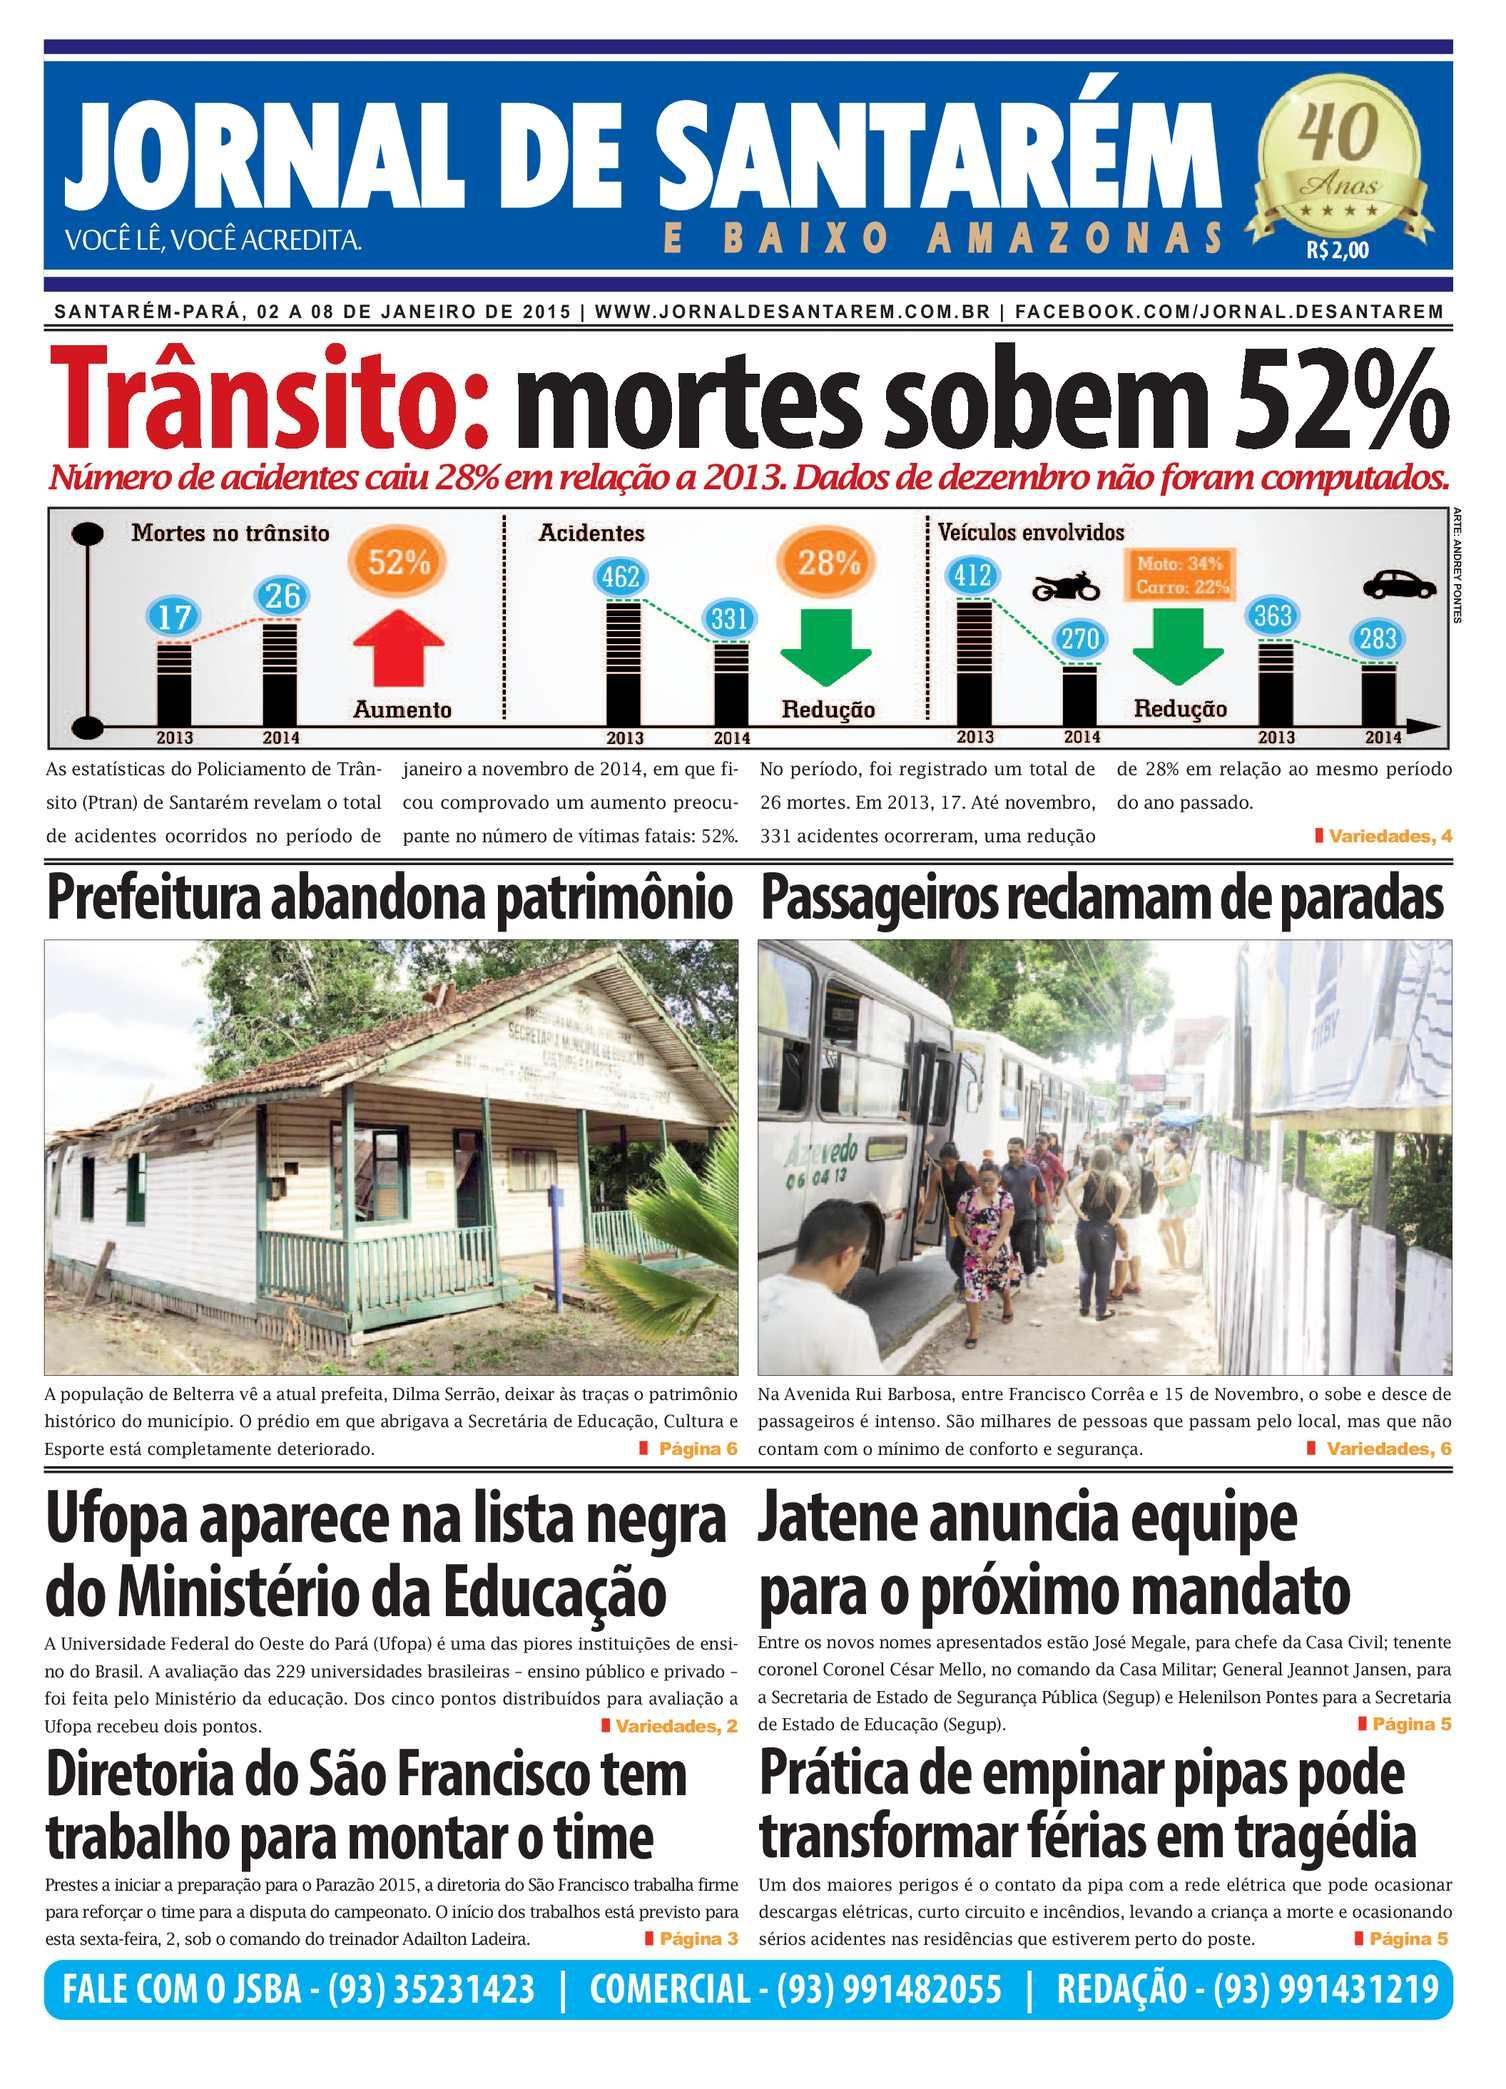 76a11d5da Calaméo - JORNAL DE SANTARÉM E BAIXO AMAZONAS EDIÇÃO DE 02 A 08 DE JANEIRO  DE 2015